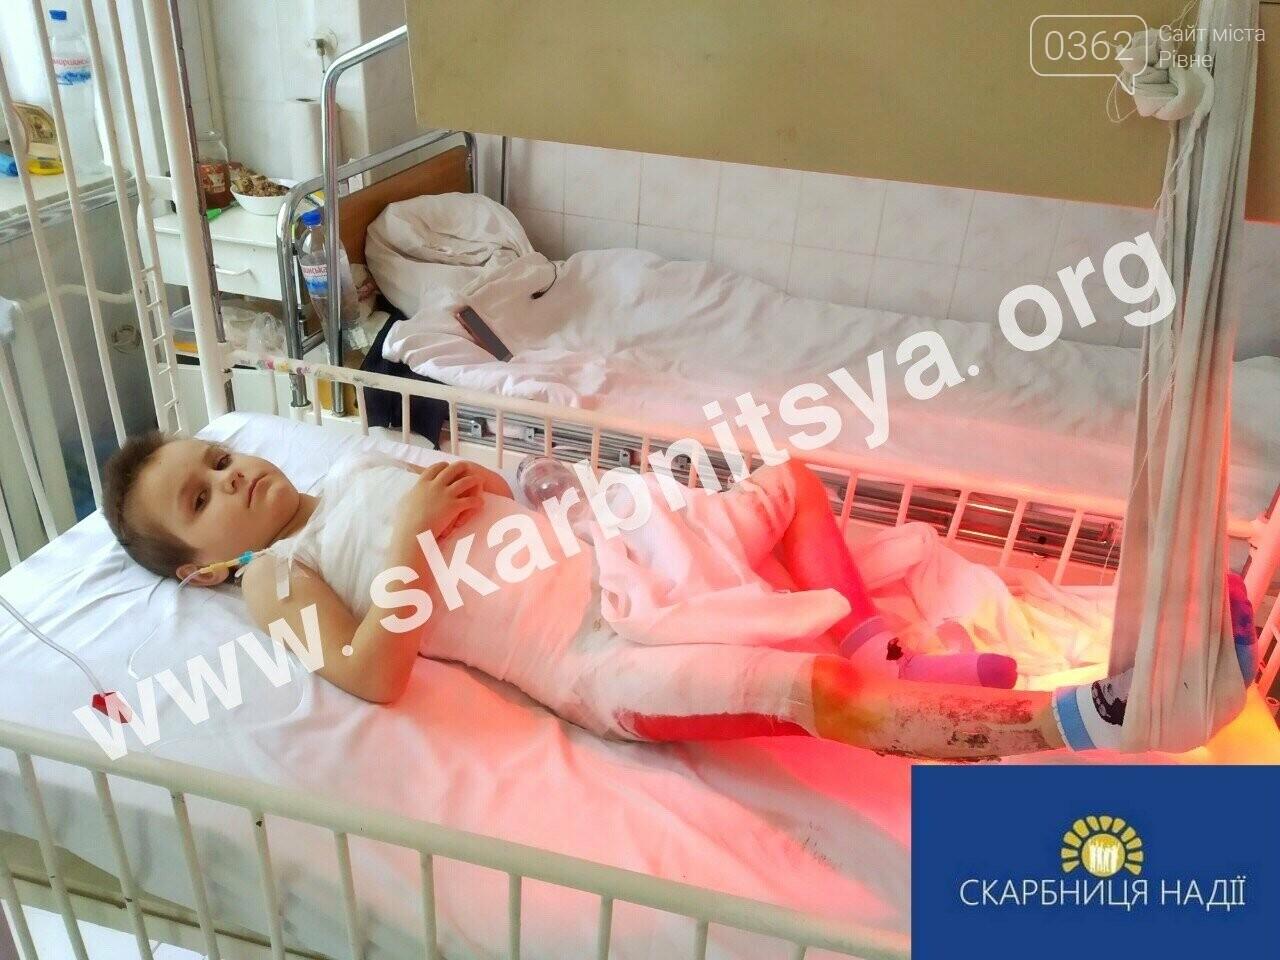 Потребує допомоги у лікуванні хлопчик з Рівненщини, який отримав значні опіки тіла, фото-1